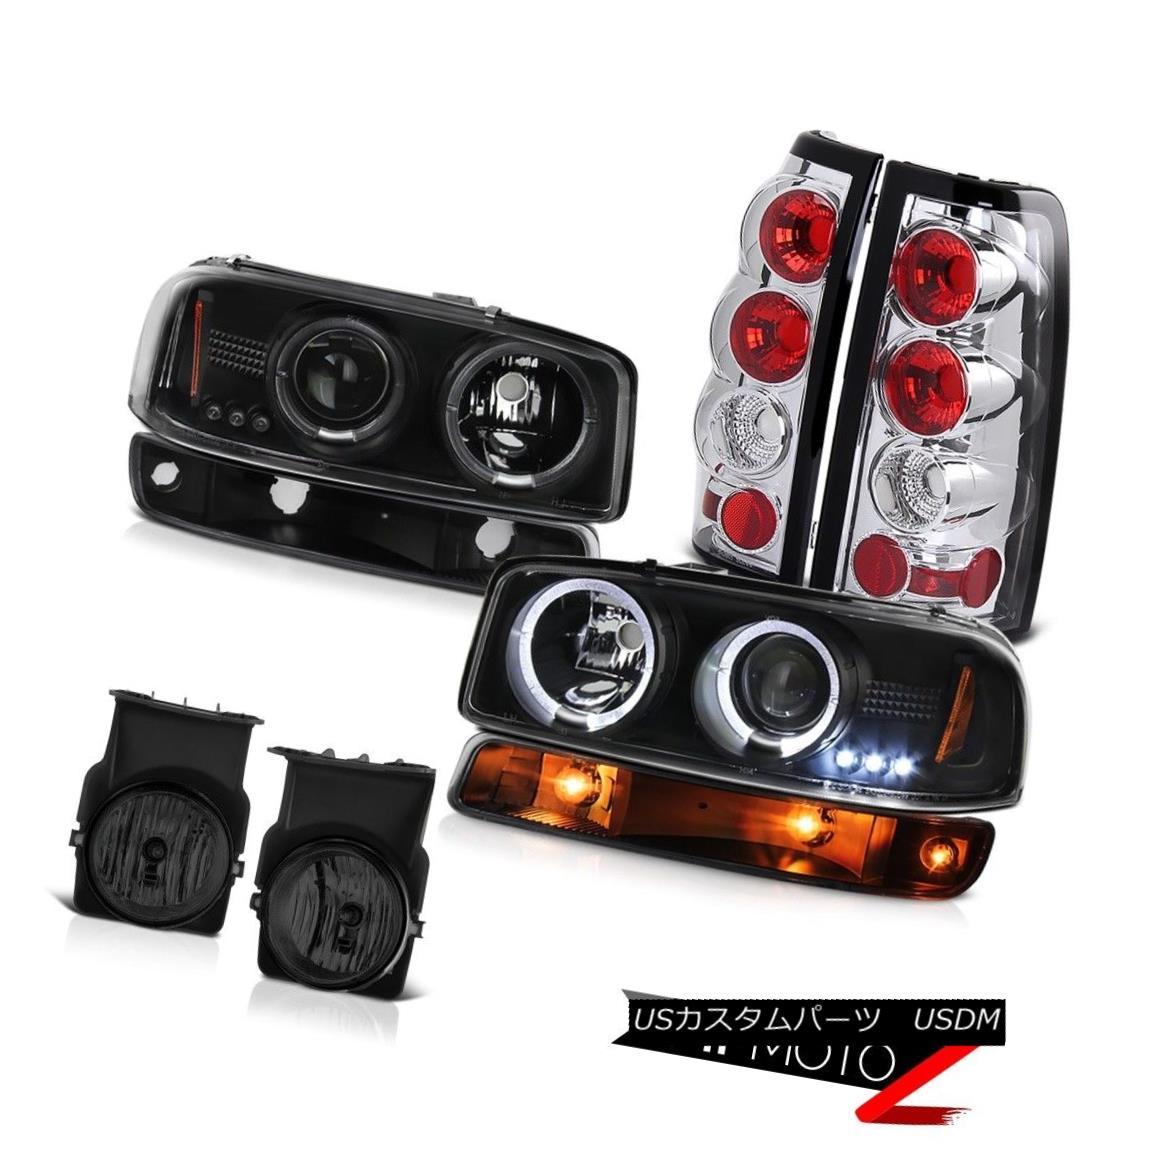 ヘッドライト 03-06 Sierra 5.3L Smoked foglights chrome tail lights parking light headlamps 03-06シエラ5.3Lスモークフォグライトクロームテールライトパーキングライトヘッドランプ